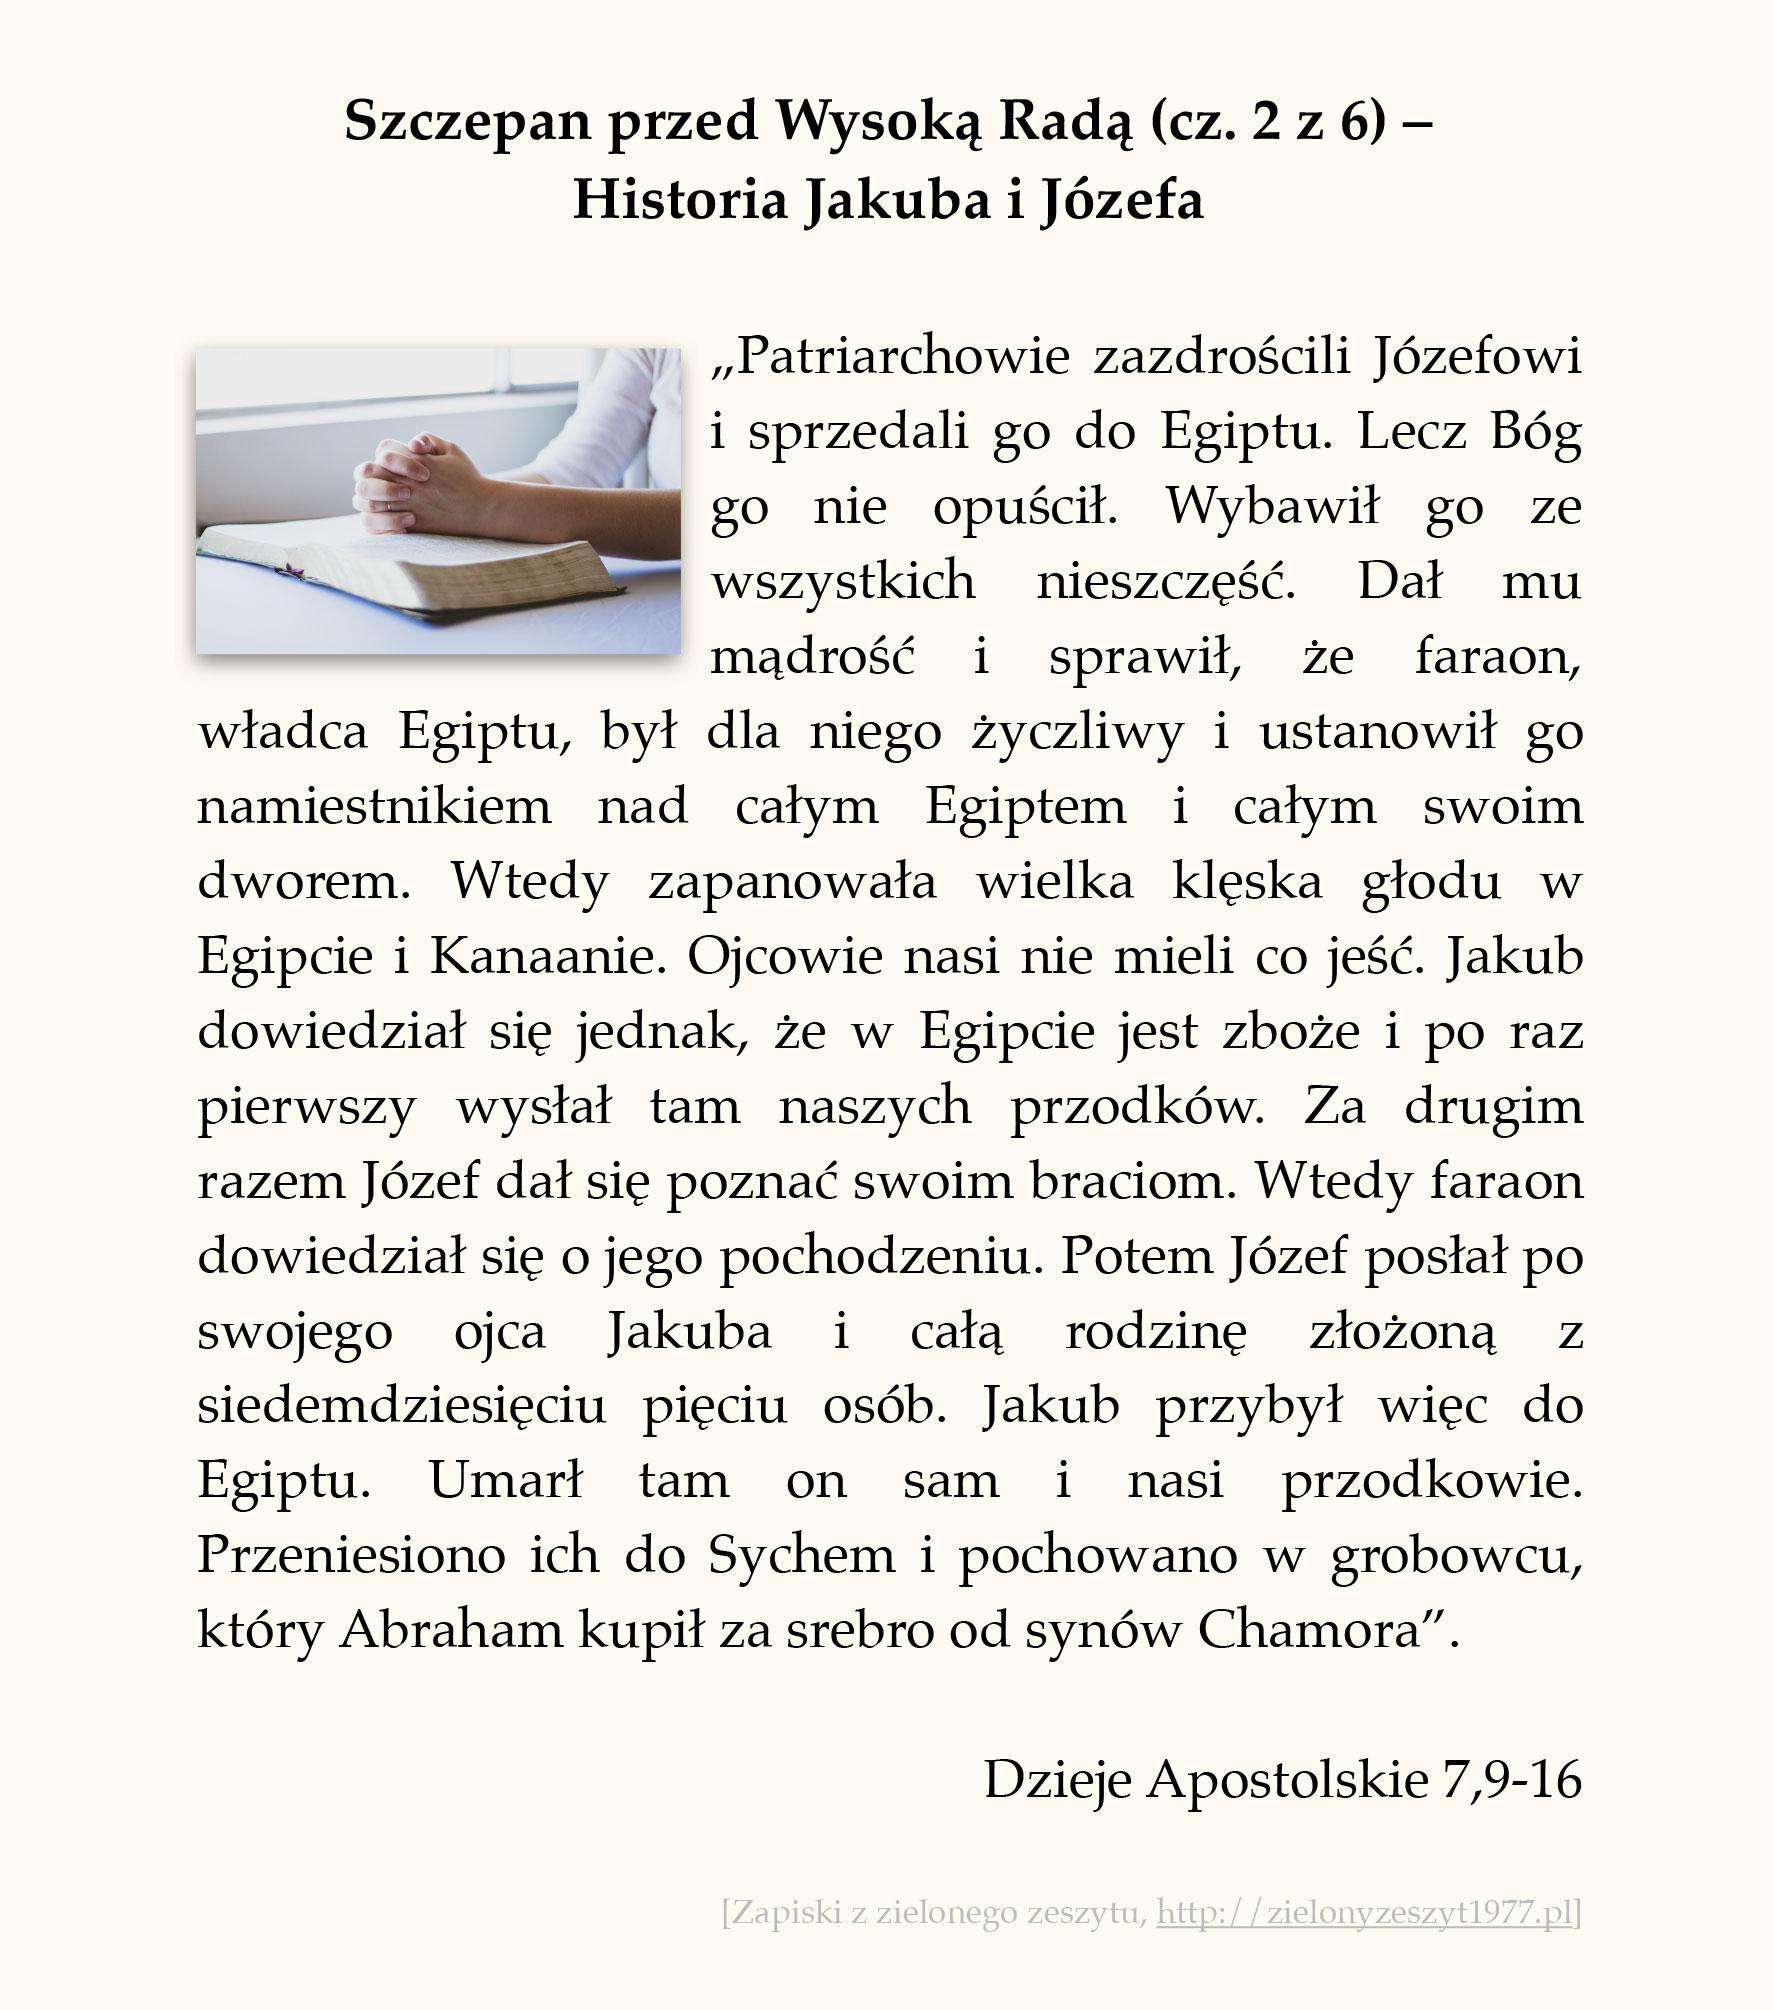 Szczepan przed Wysoką Radą (cz. 2 z 6) – Historia Jakuba i Józefa; Dzieje Apostolskie (#28)